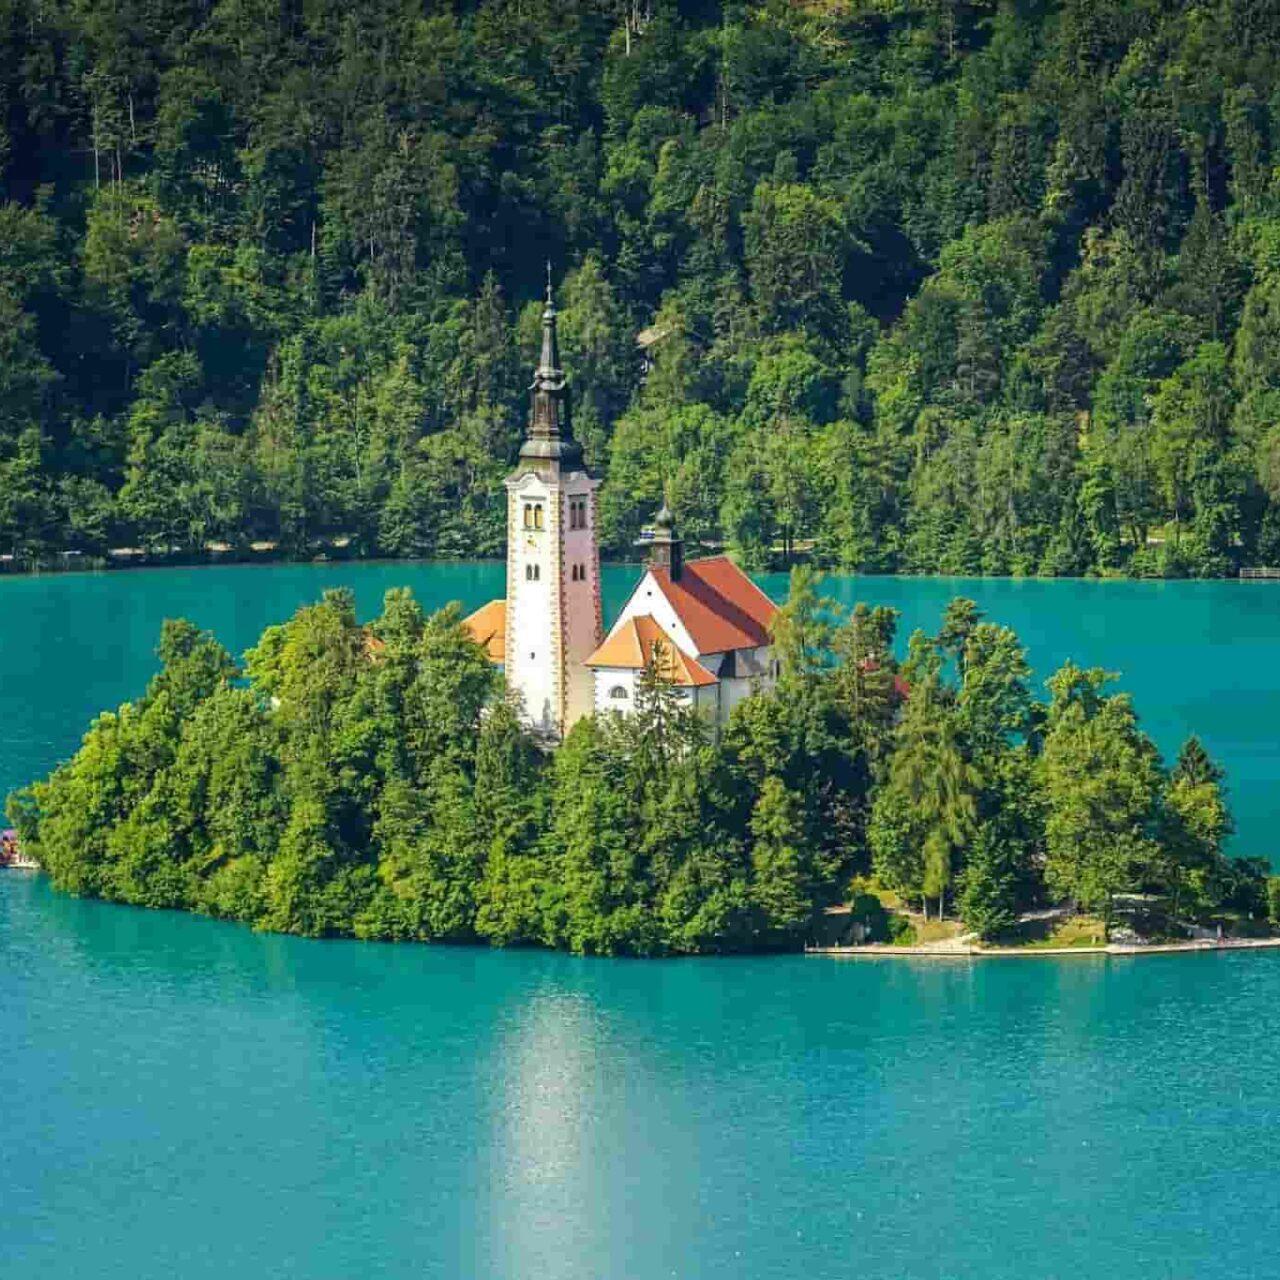 Gözden kaçan 8 güzel Avrupa şehri, Ljubljana hakkında bilmediğiniz 10 şey, Bled Gölü Ve Kalesi, Bled Gölü Görülmesi Gereken Yerler | Tourbulance | Büyük Avrupa Turu, Otobüsle Avrupa Turu.